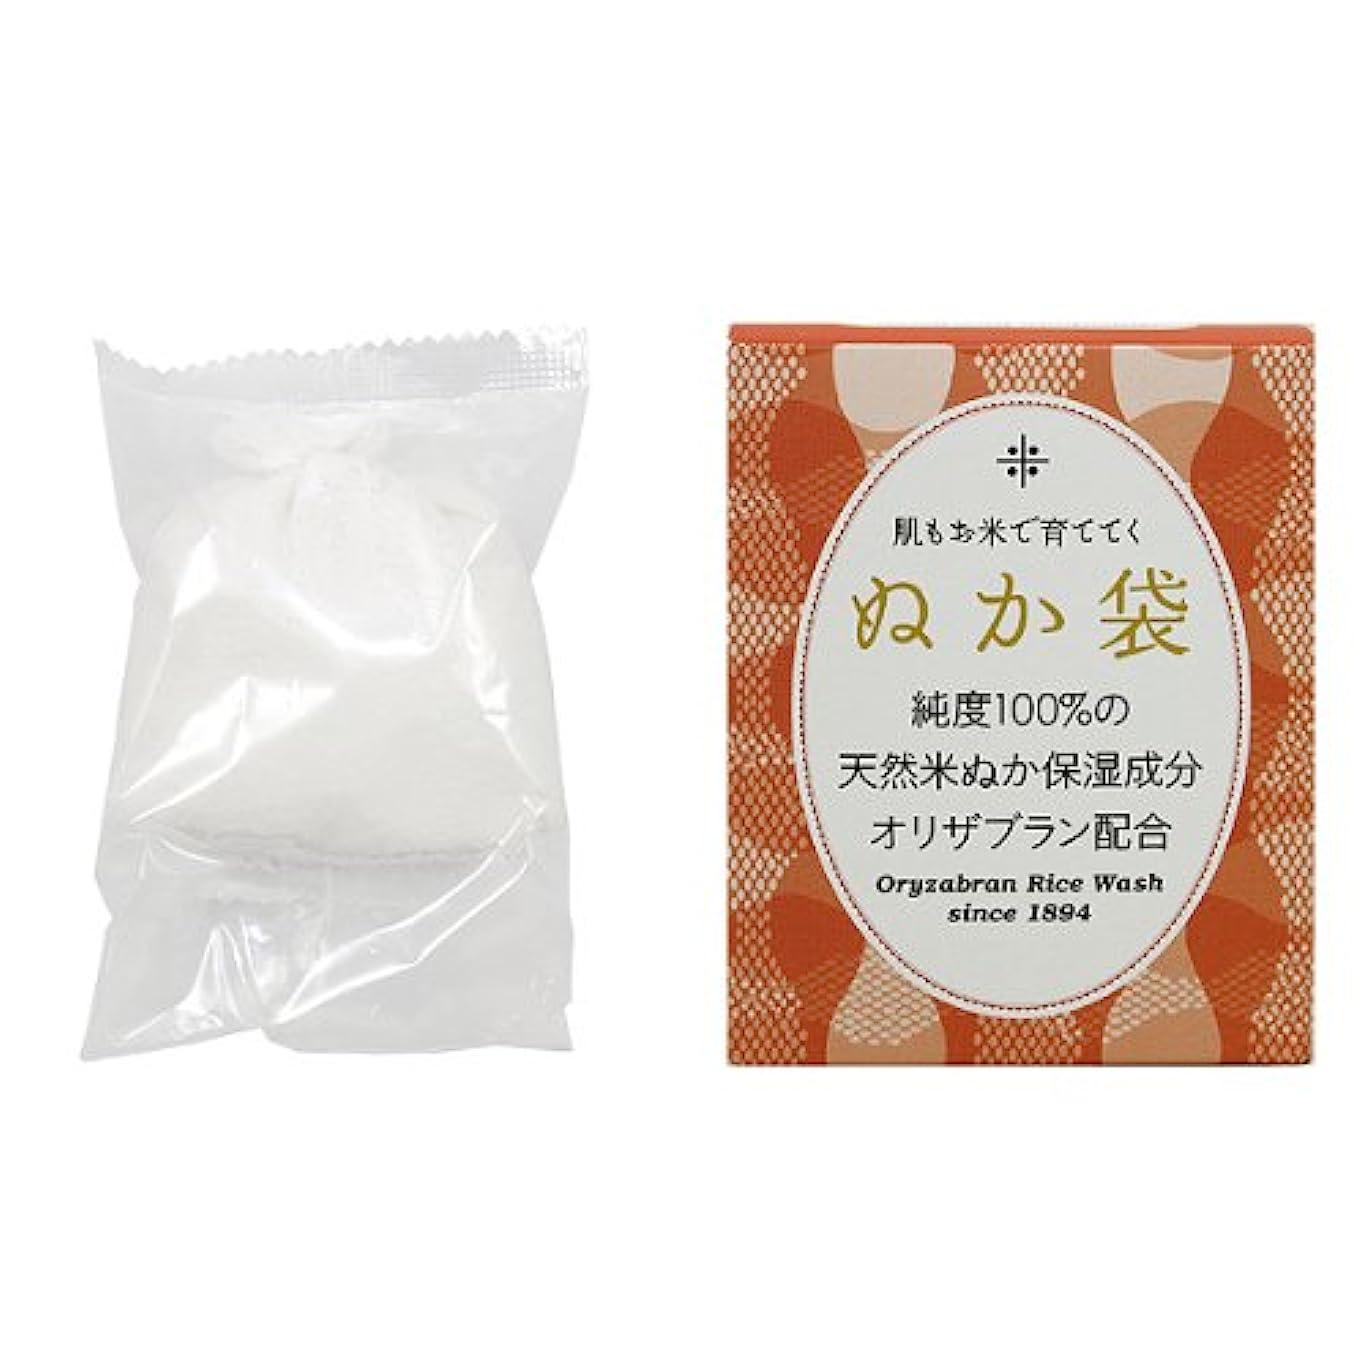 リアル オリザ オリザブラン ライスウォッシュK (ぬか袋タイプ)50g